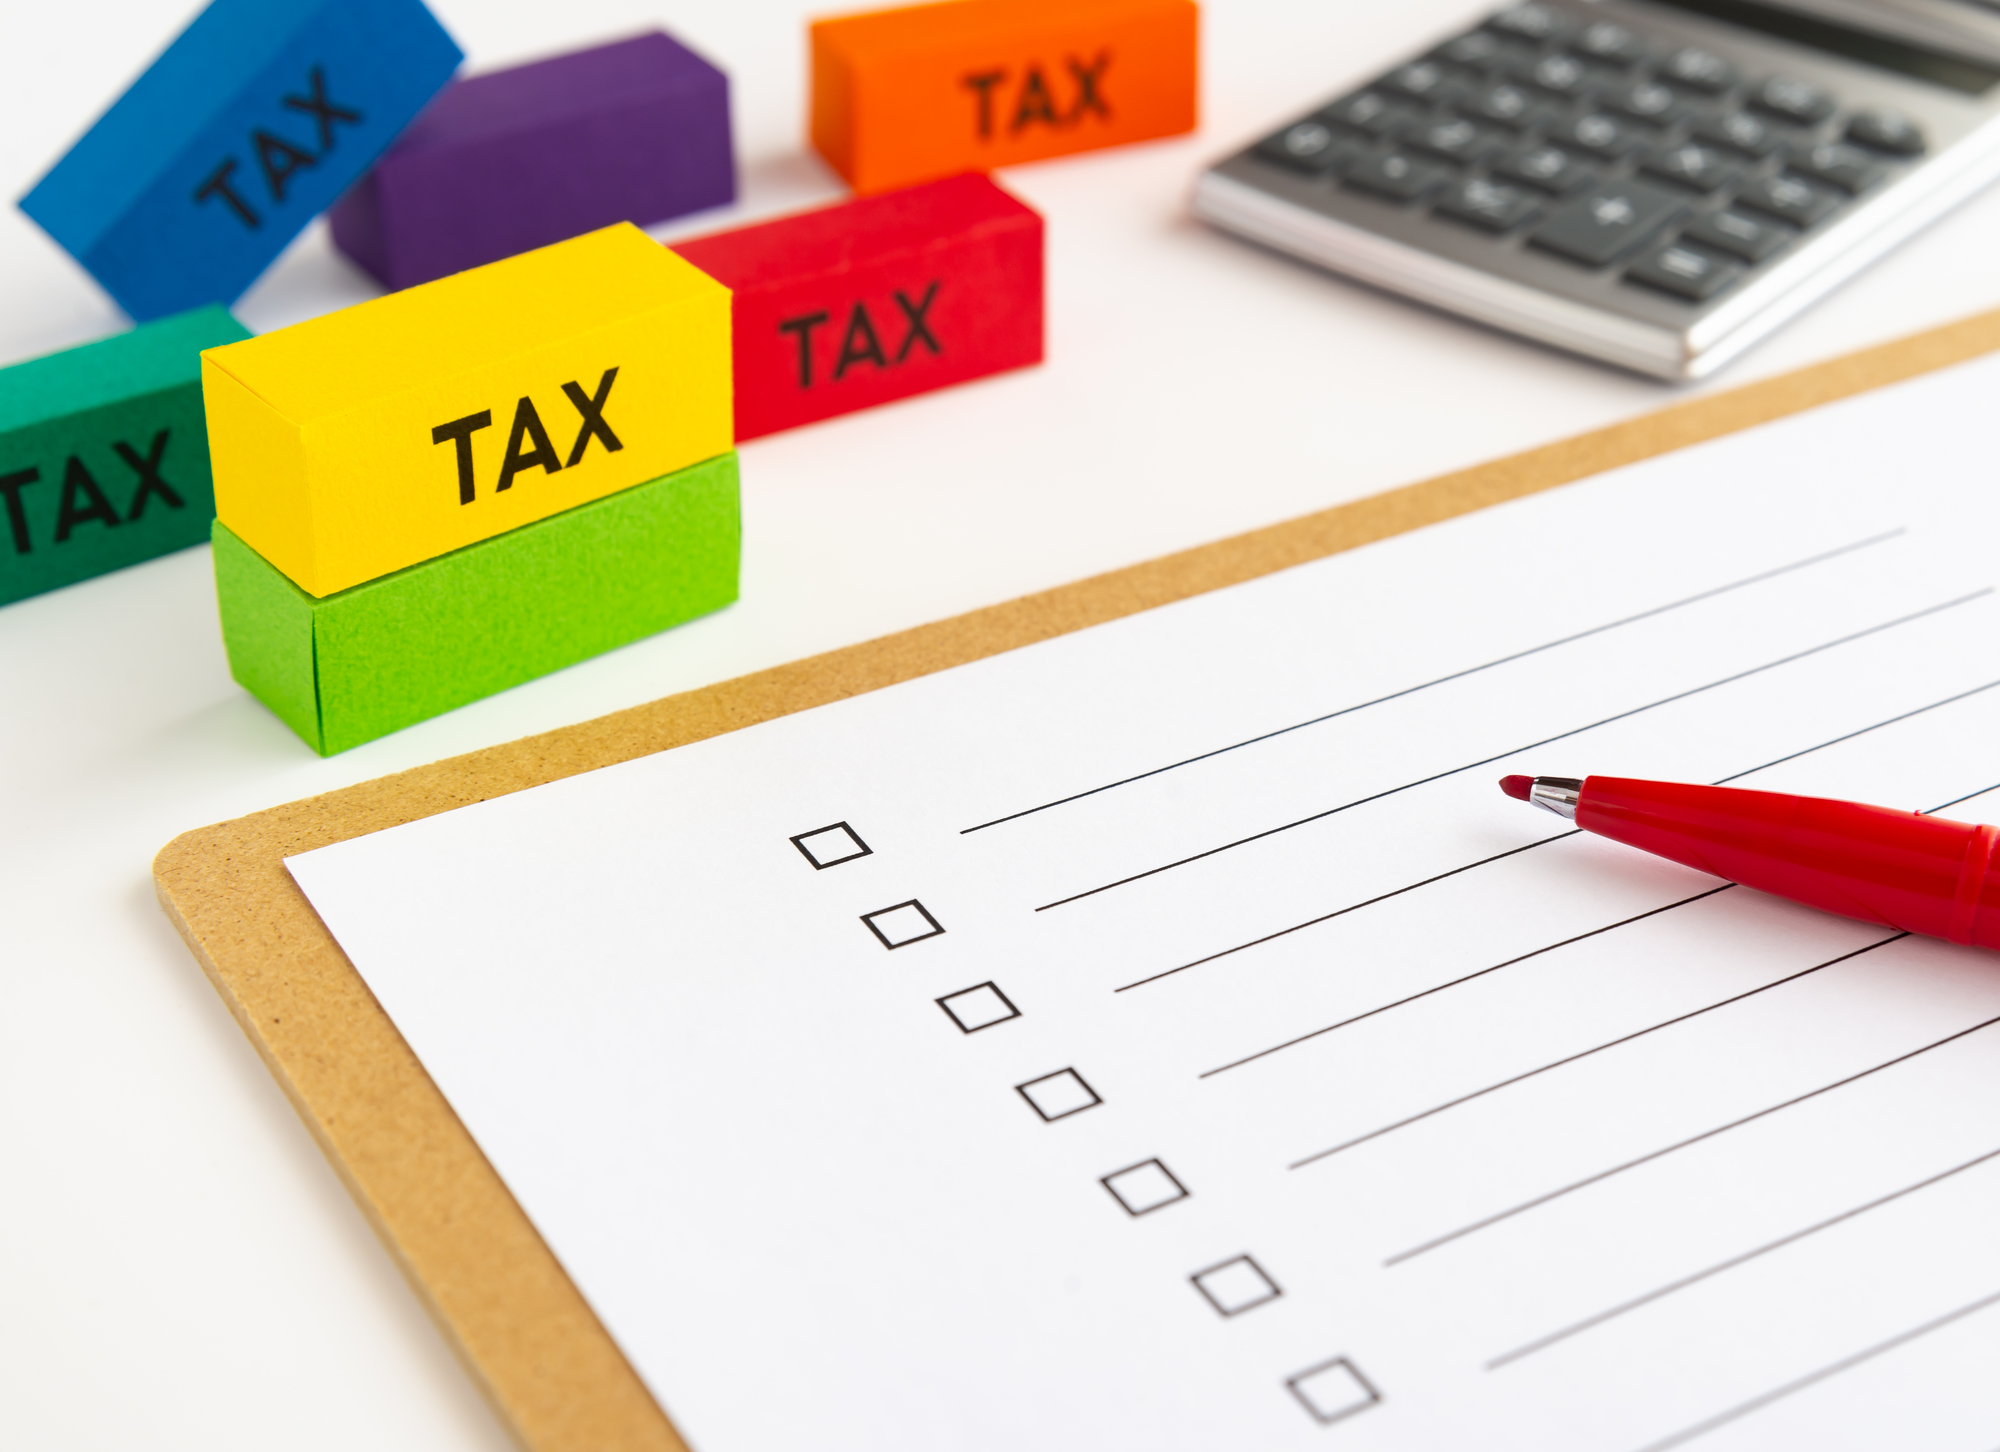 税金やることリストイメージ